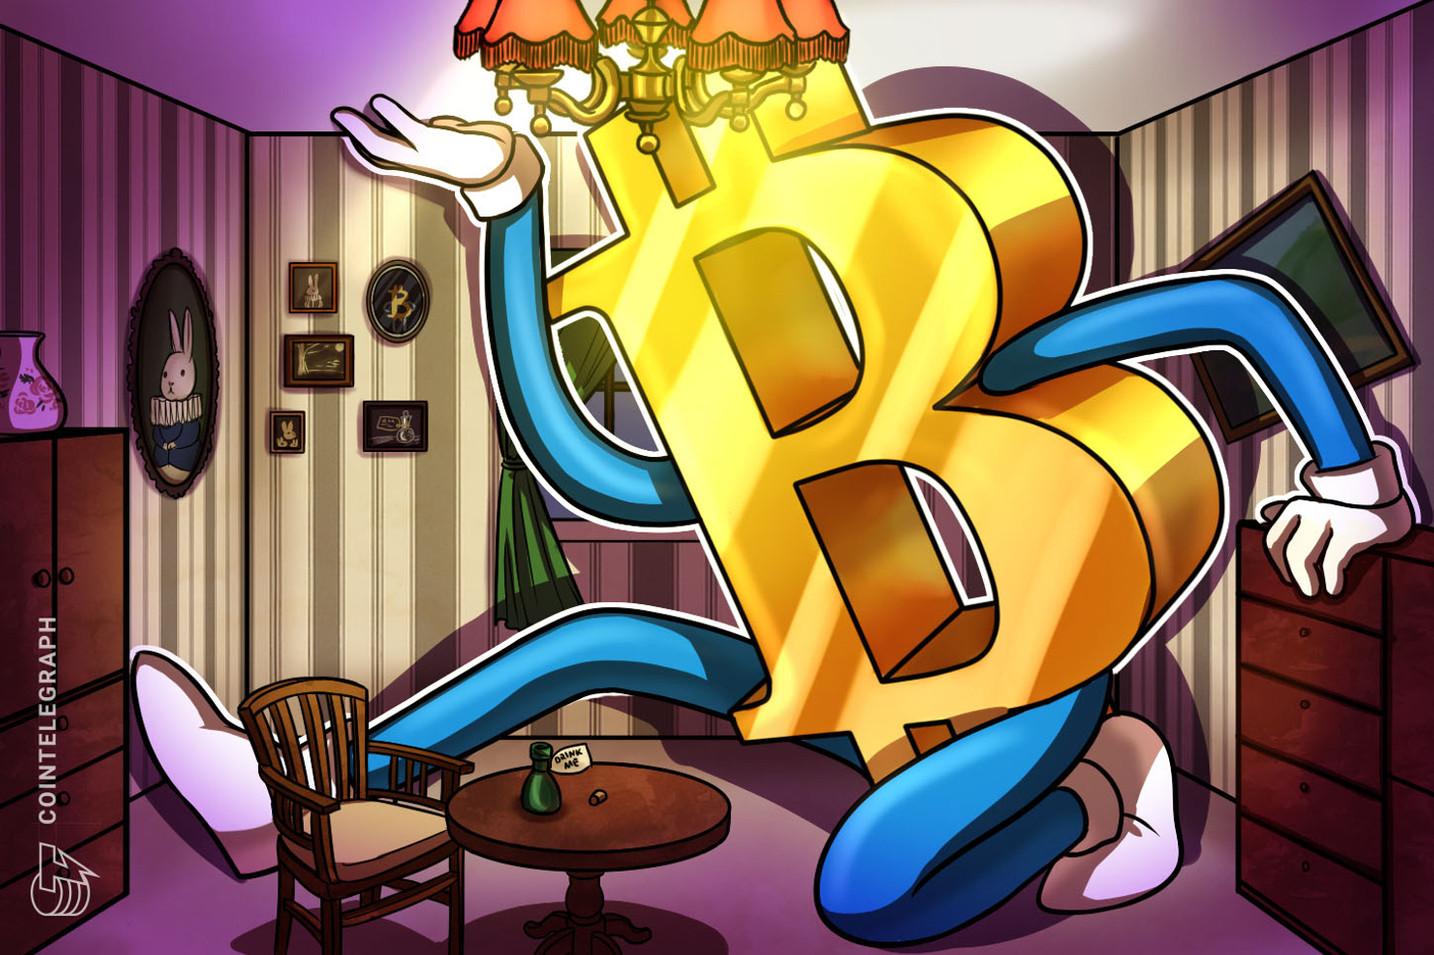 """David Shrier: """"La aplicación blockchain más exitosa es Bitcoin, vale más de 100.000 millones de dólares"""""""